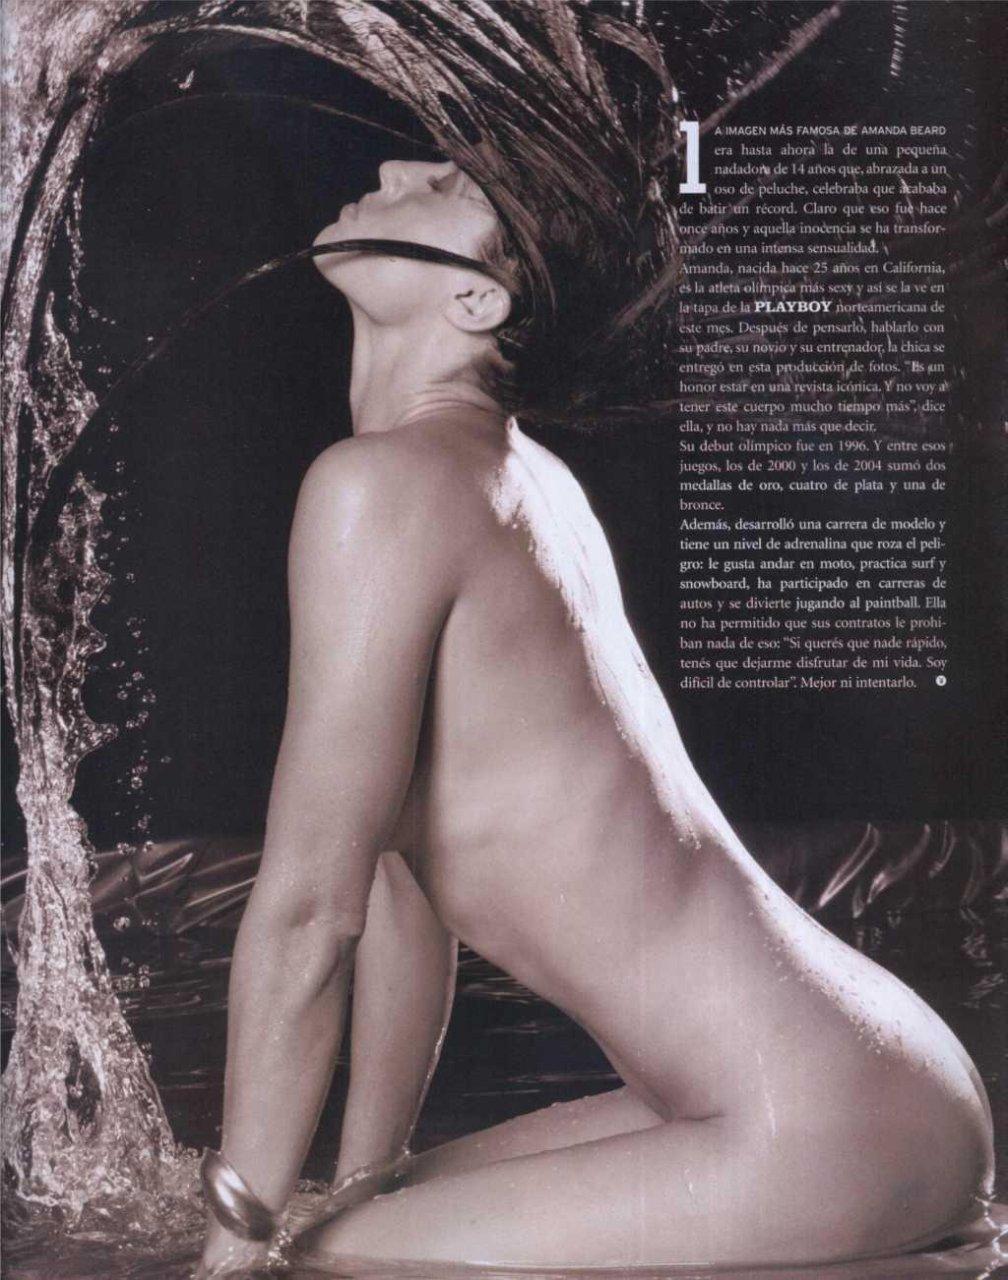 amanda beard nude pics